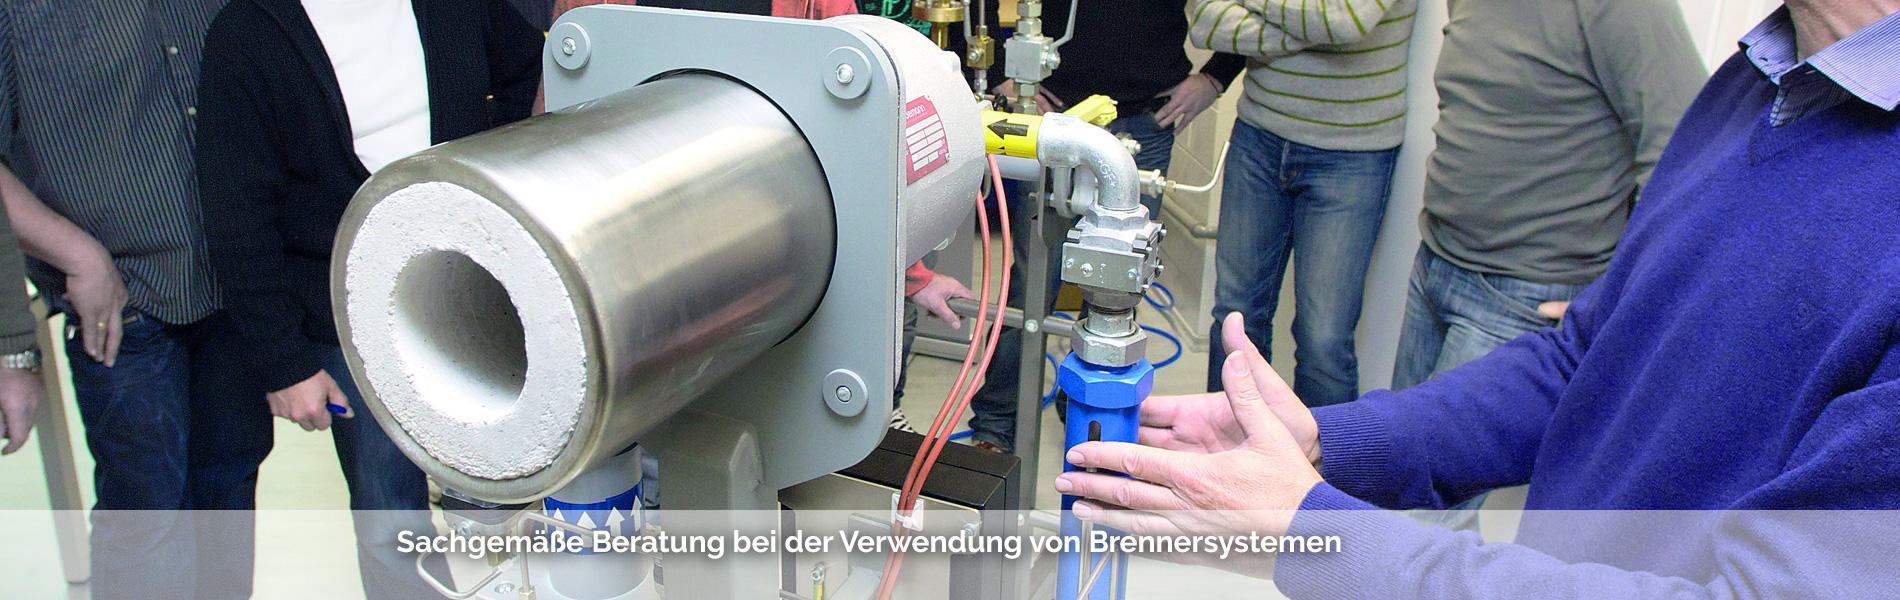 Brennersystem